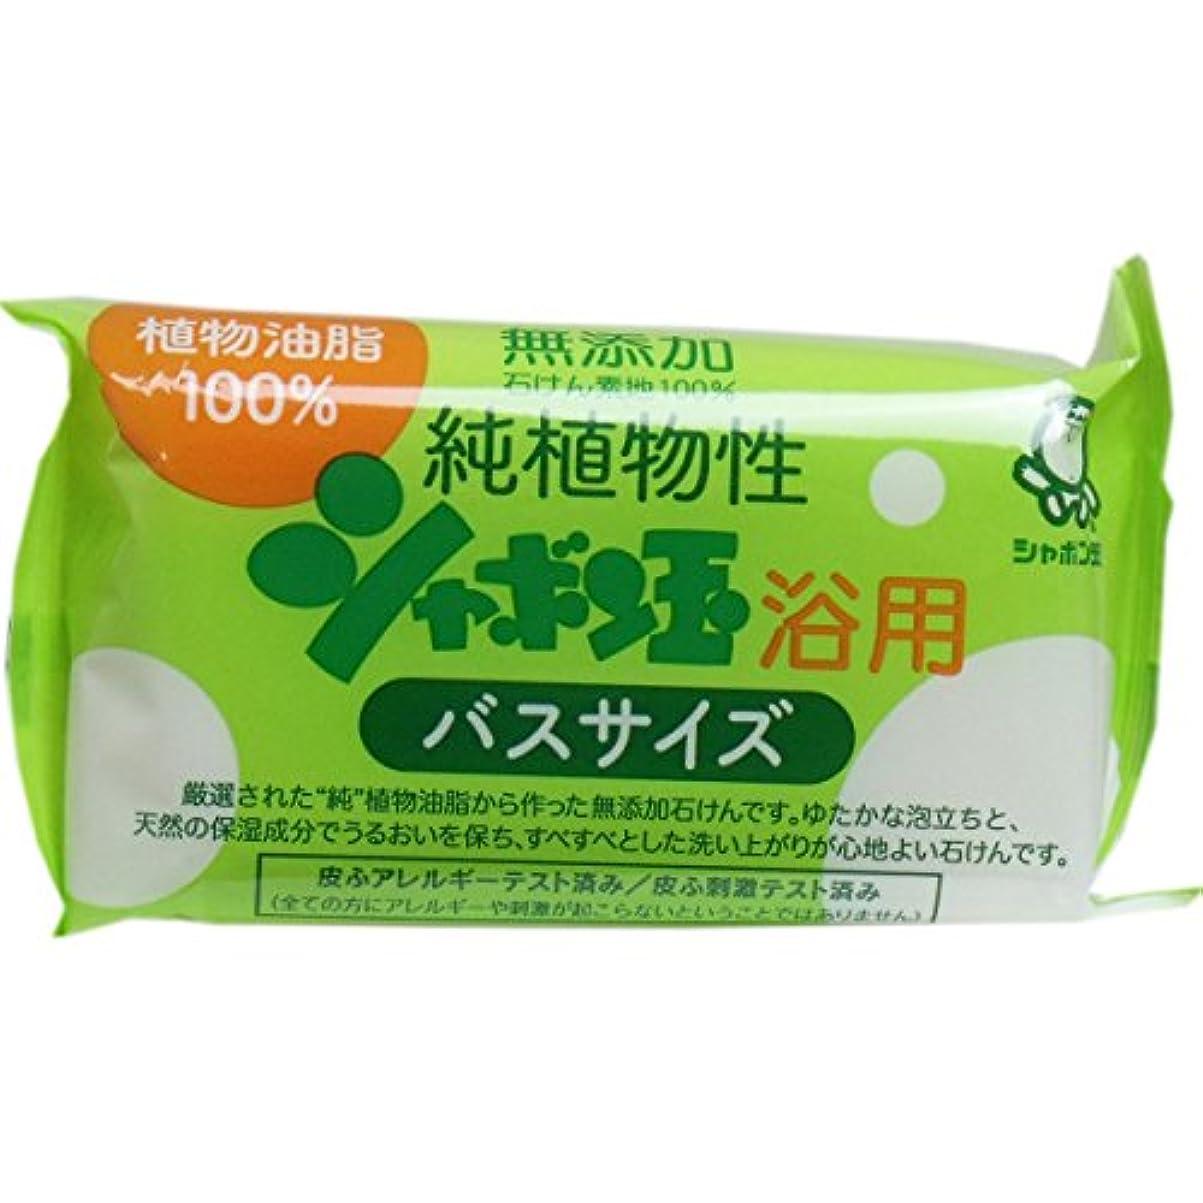 重さグリーンバック十一無添加 シャボン玉 純植物性浴用石けん バスサイズ 155g(無添加石鹸)